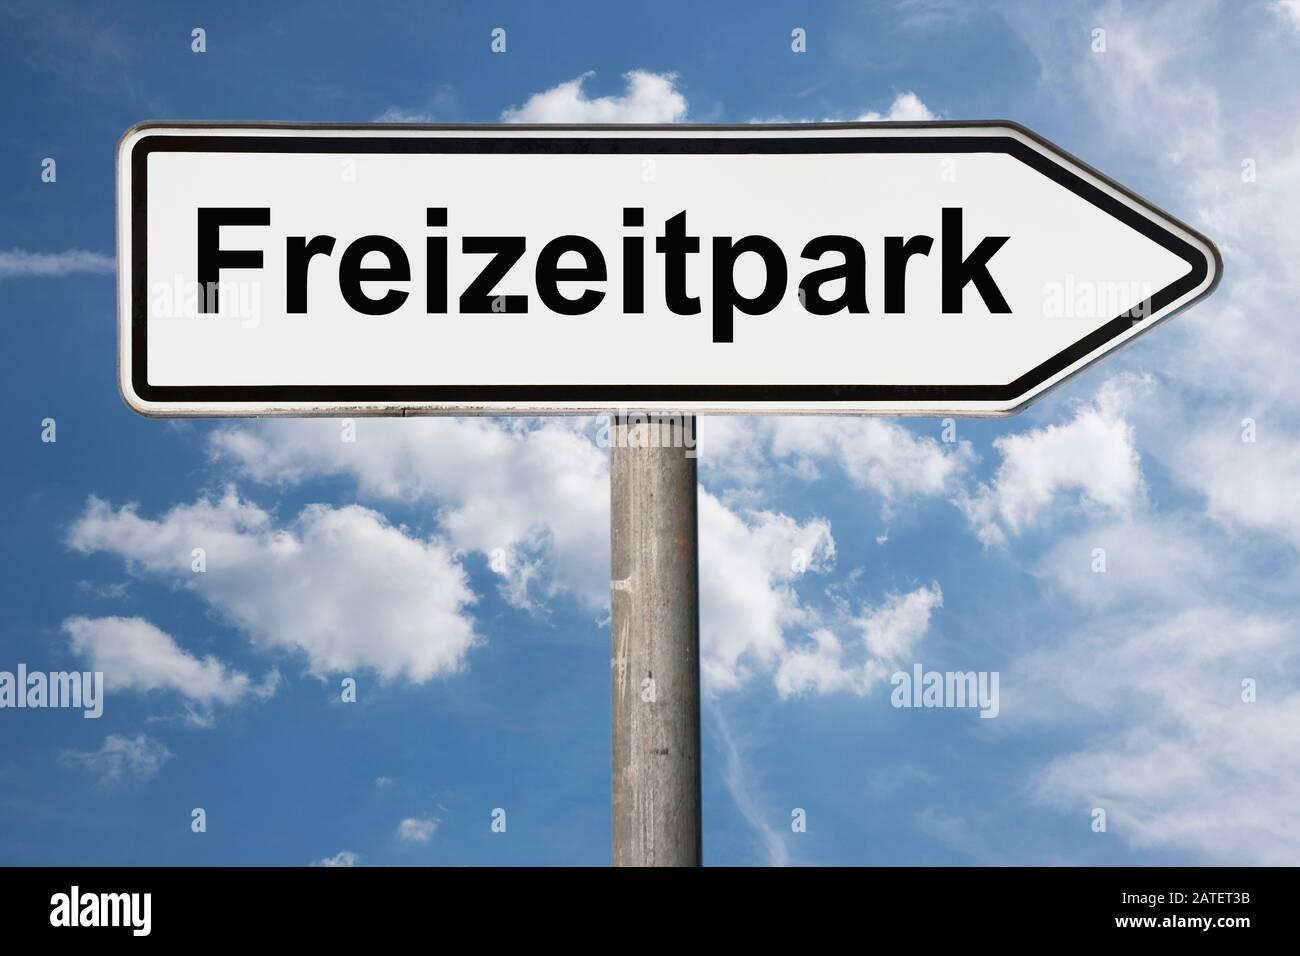 Photo détaillée d'une pancarte portant l'inscription Freizeitpark (parc d'attractions) Banque D'Images